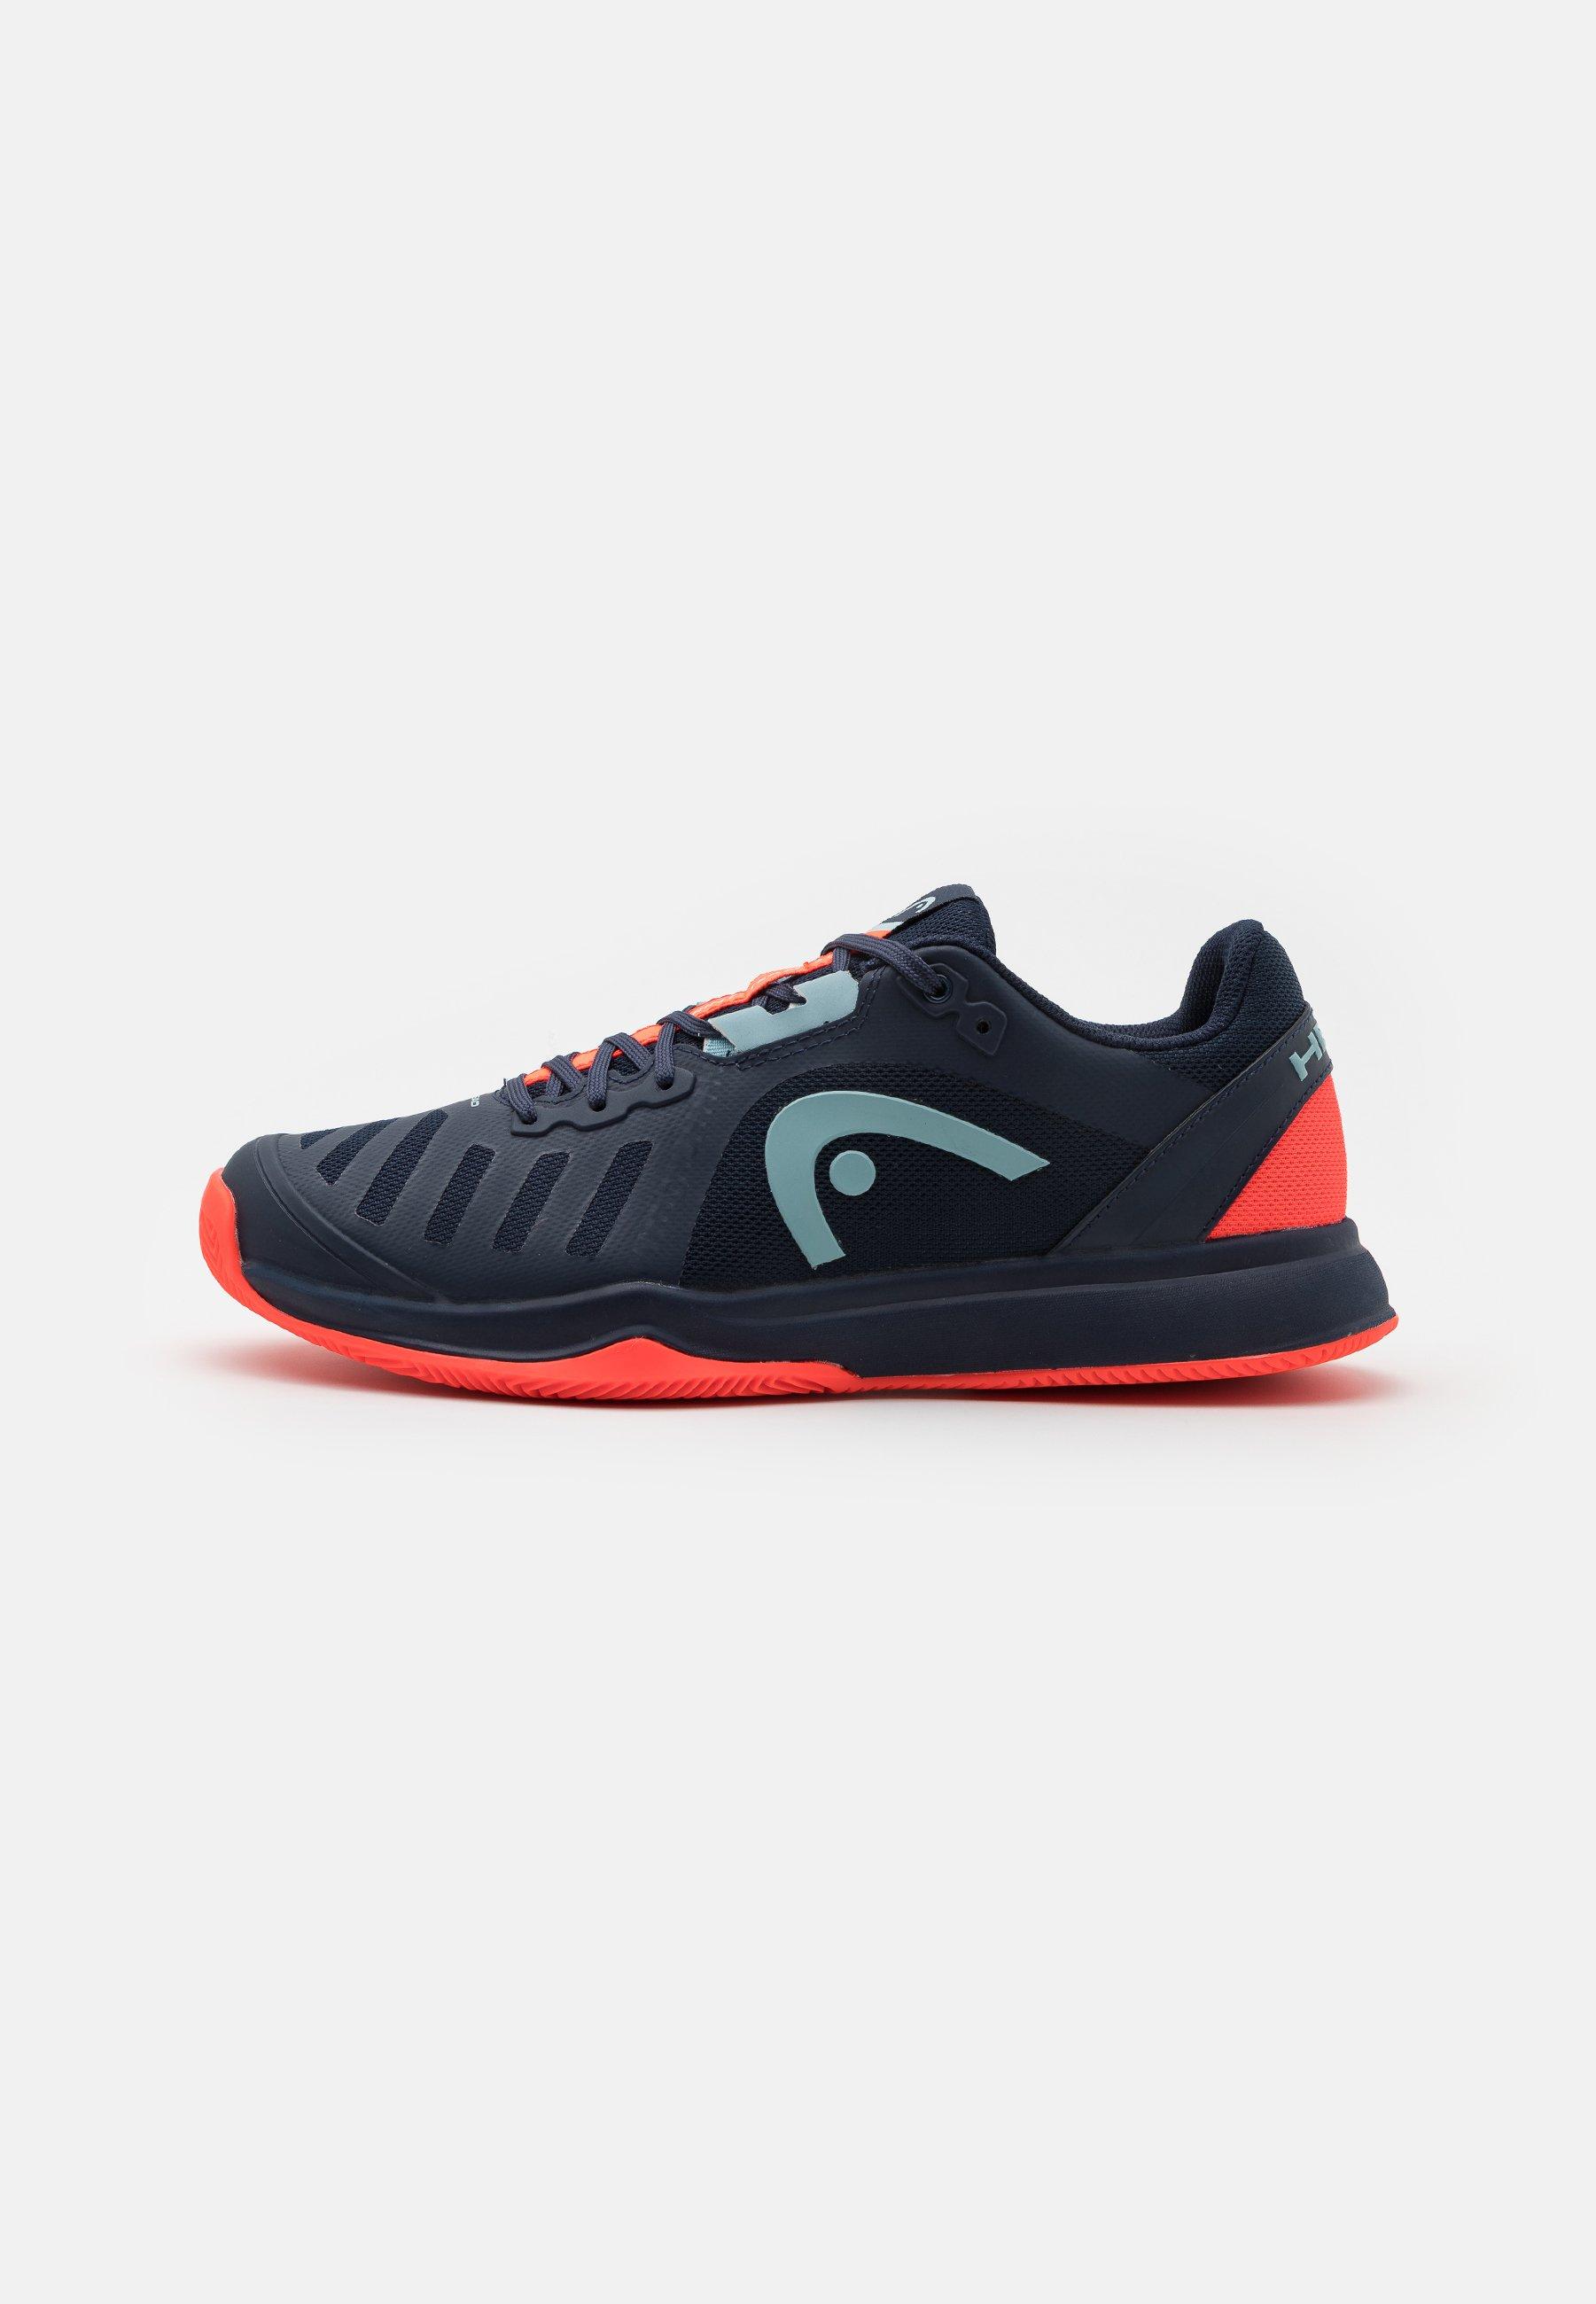 Men SPRINT TEAM 3.0 CLAY - Clay court tennis shoes